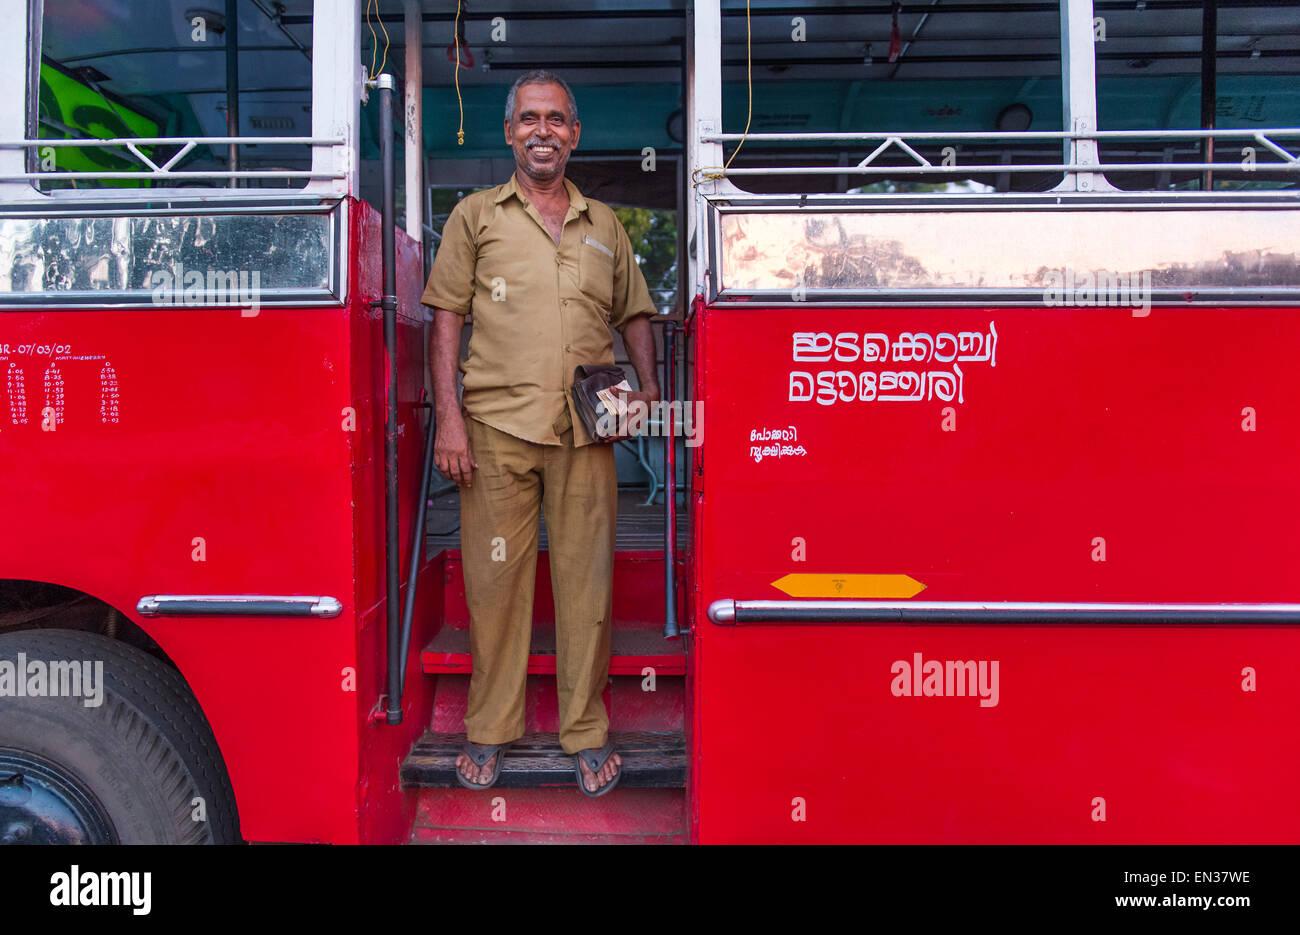 Bus Driver Uniform 21